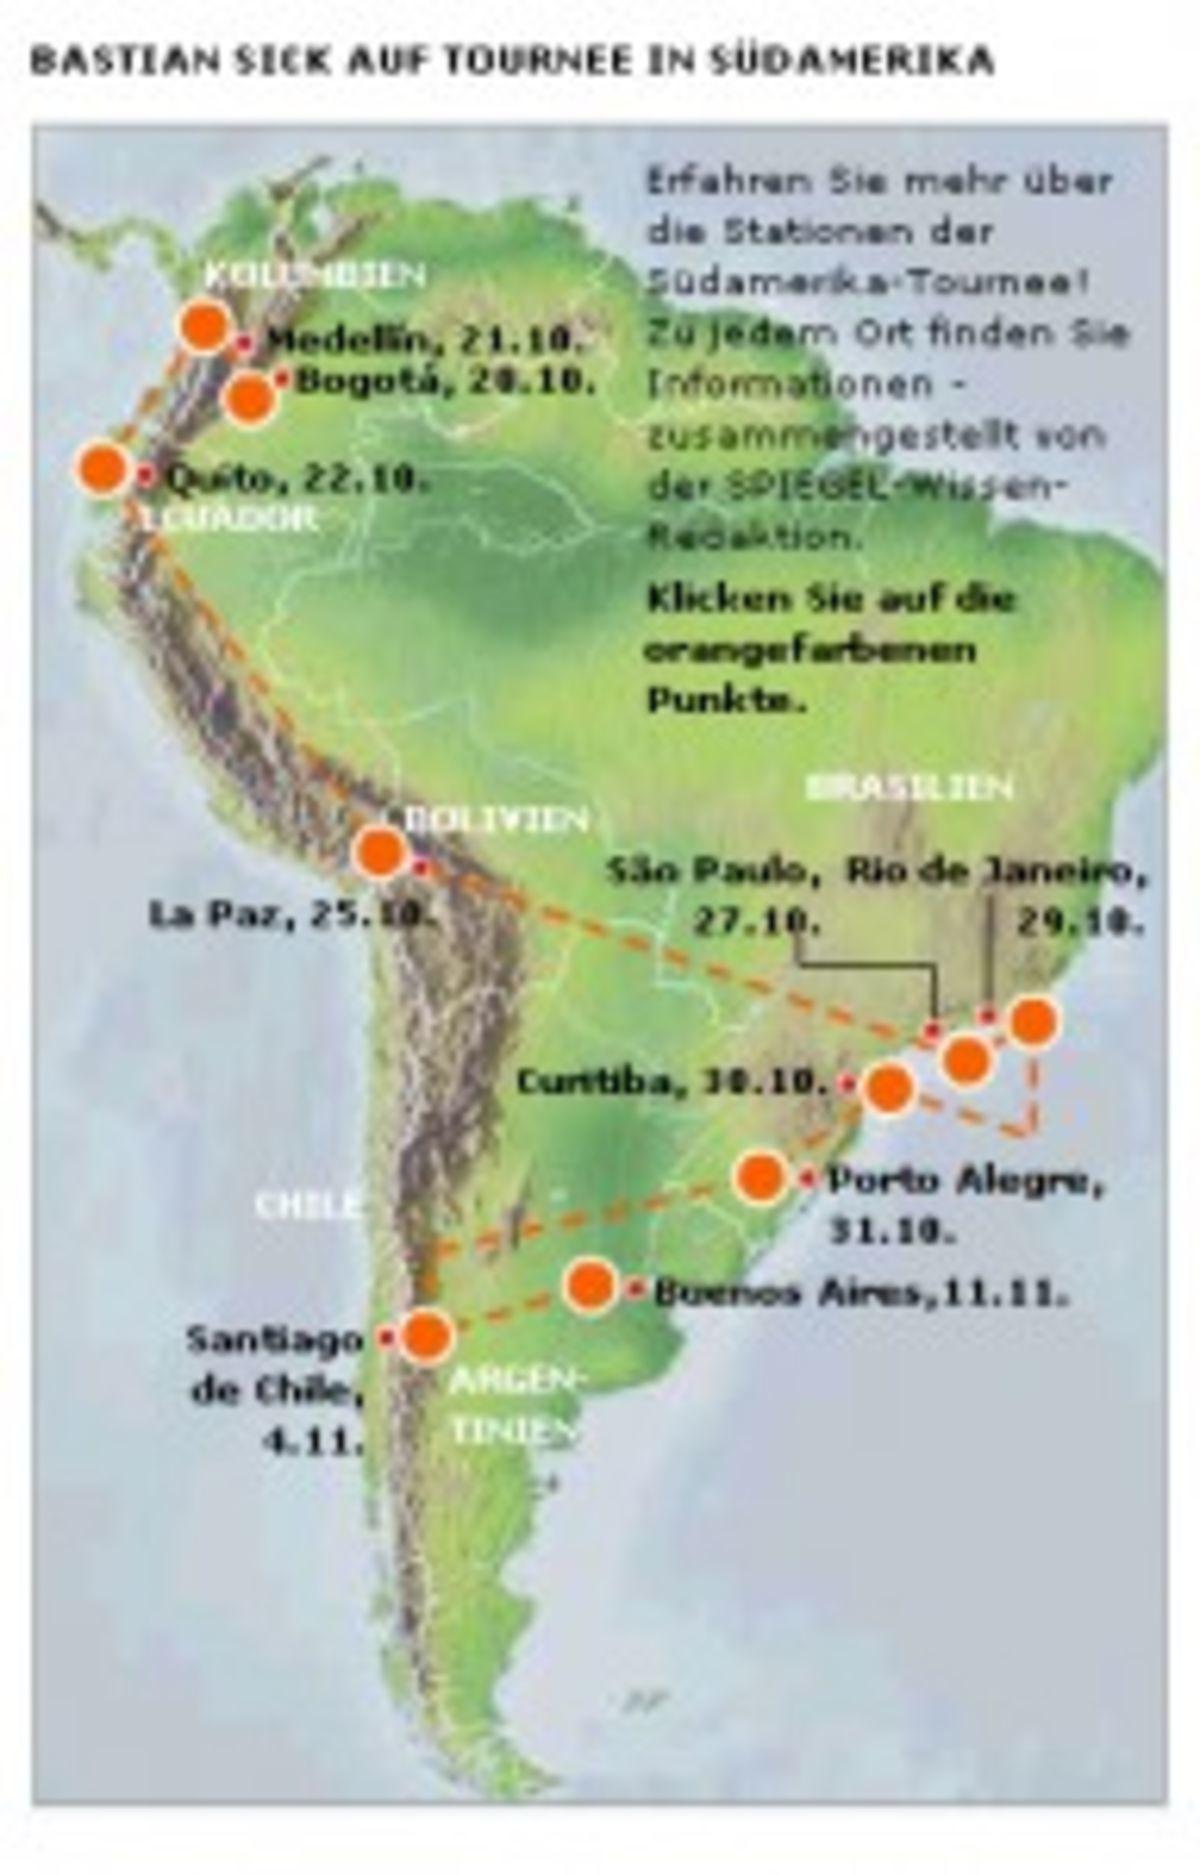 Sudamerika-Tournee